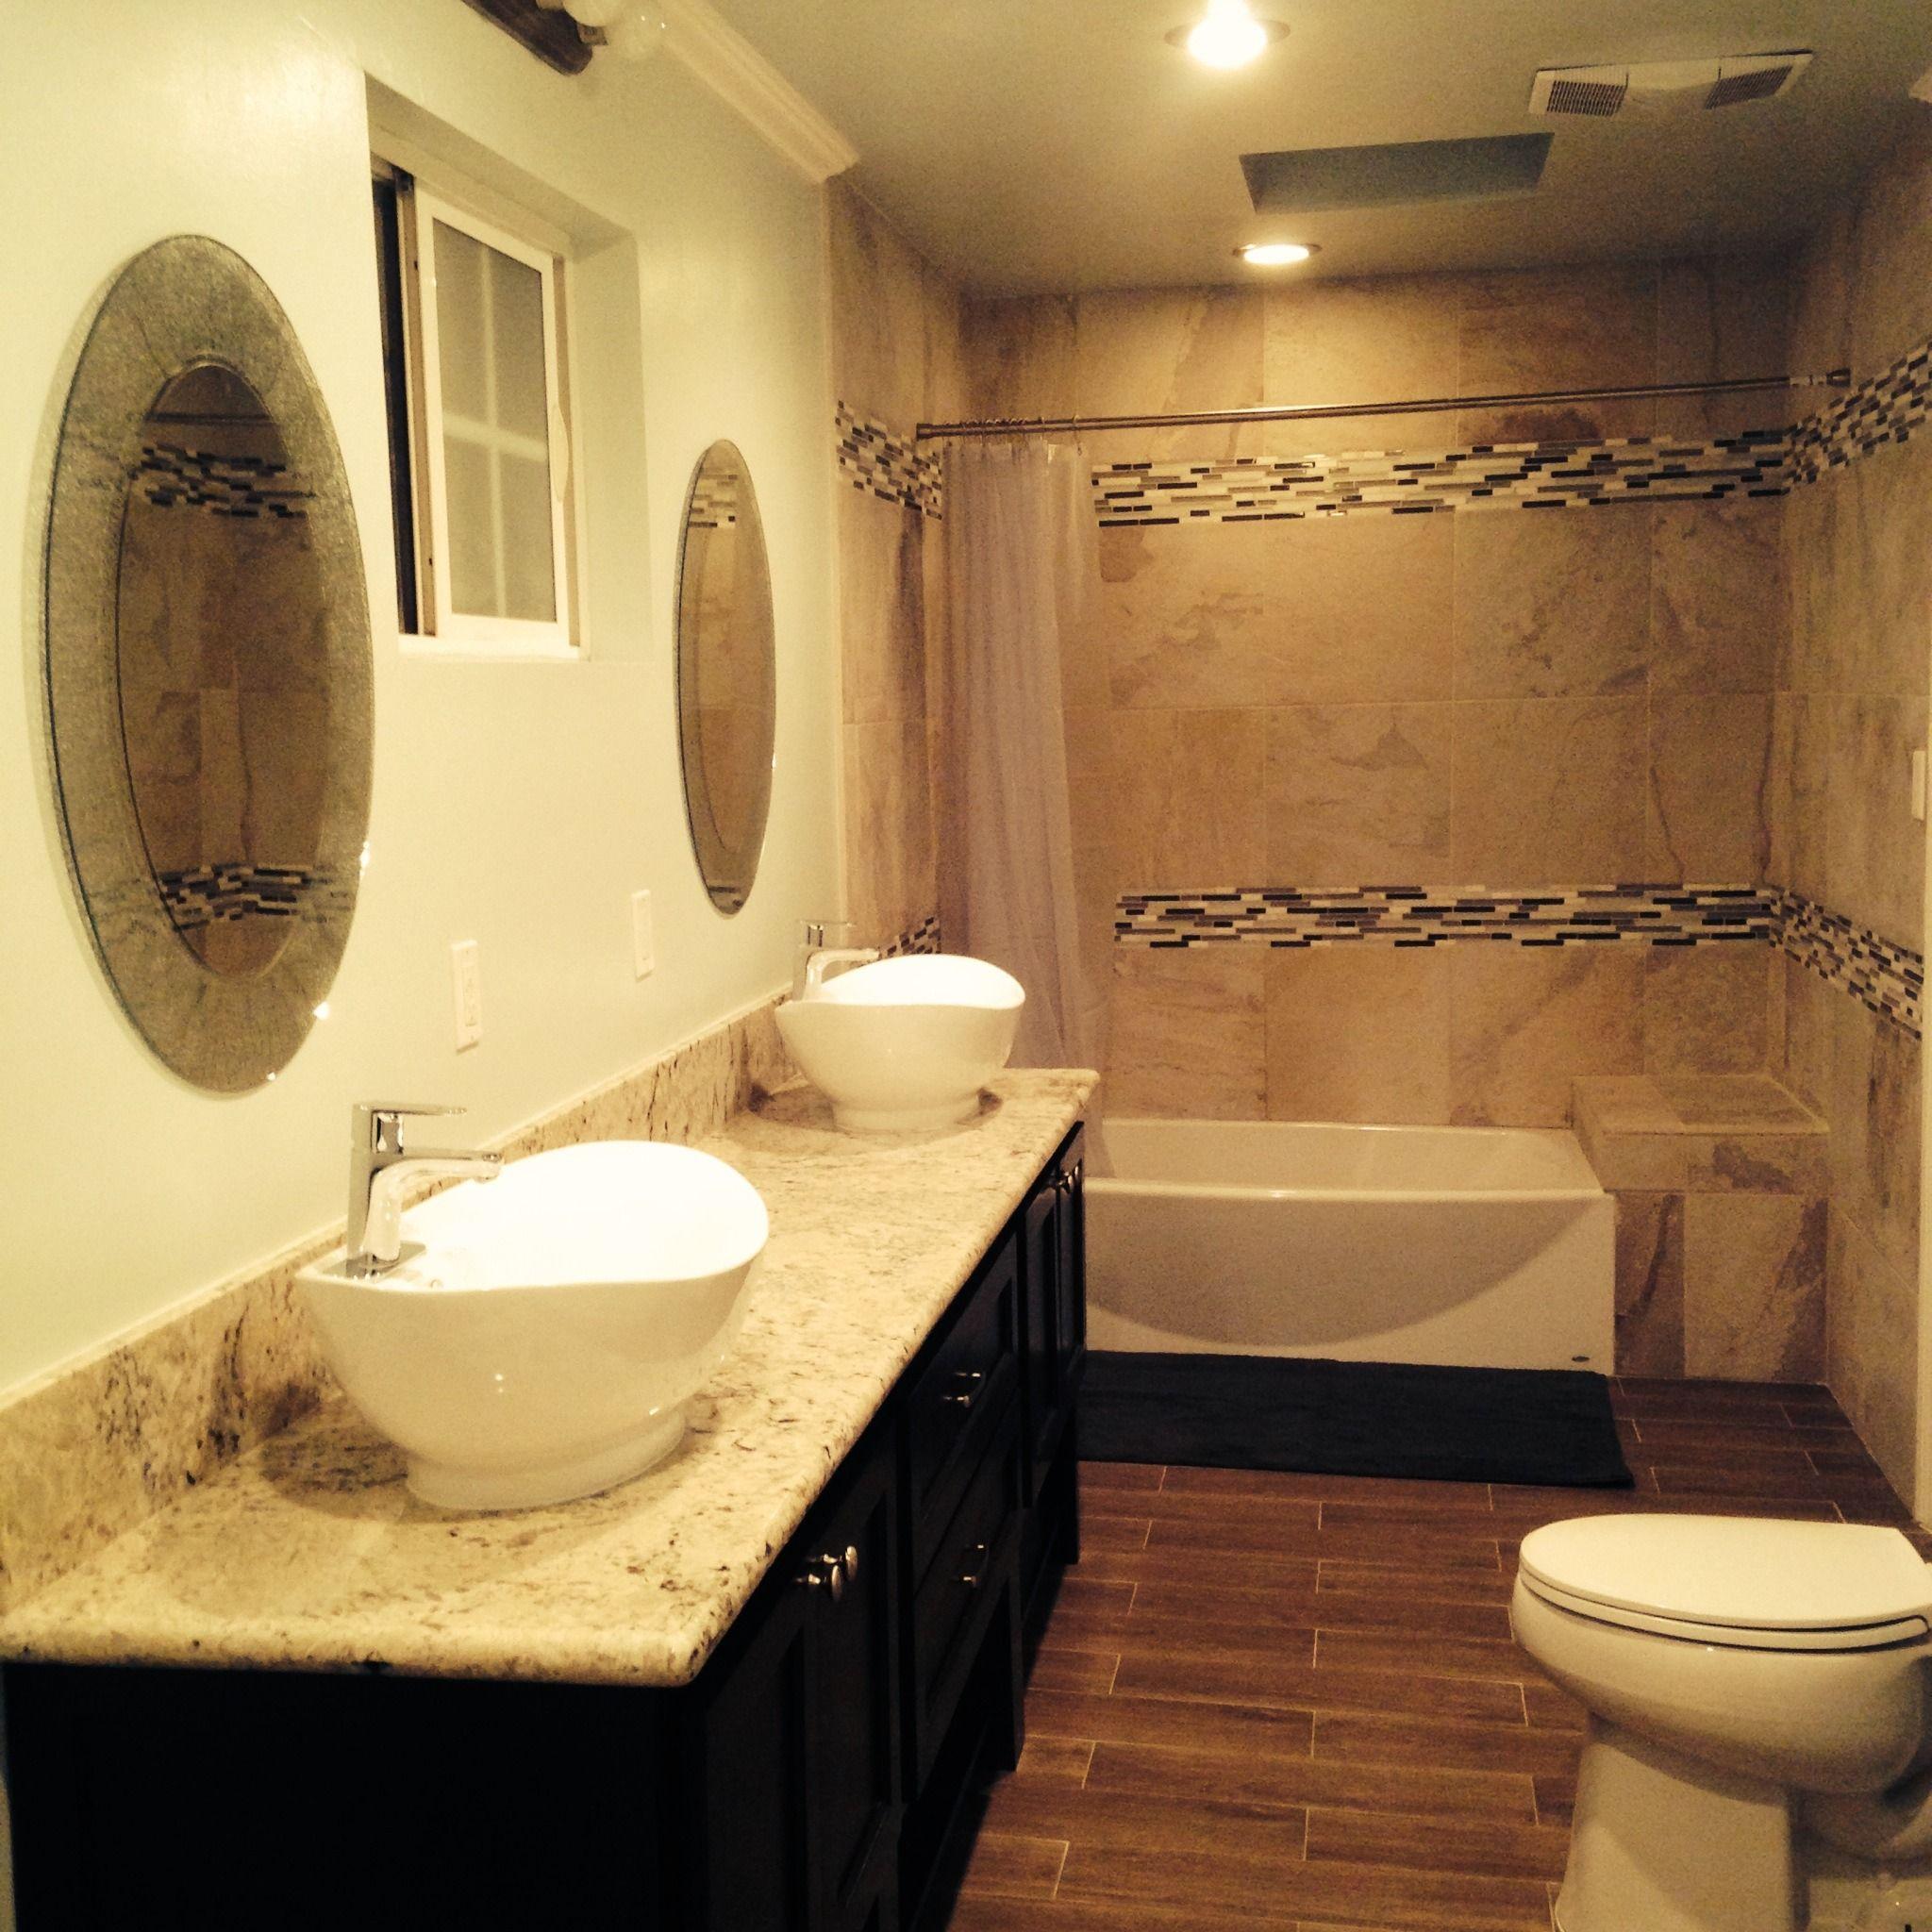 Rinnovare bagno spendendo poco top arredare il bagno soluzioni pronte with rinnovare bagno - Arredare il bagno spendendo poco ...